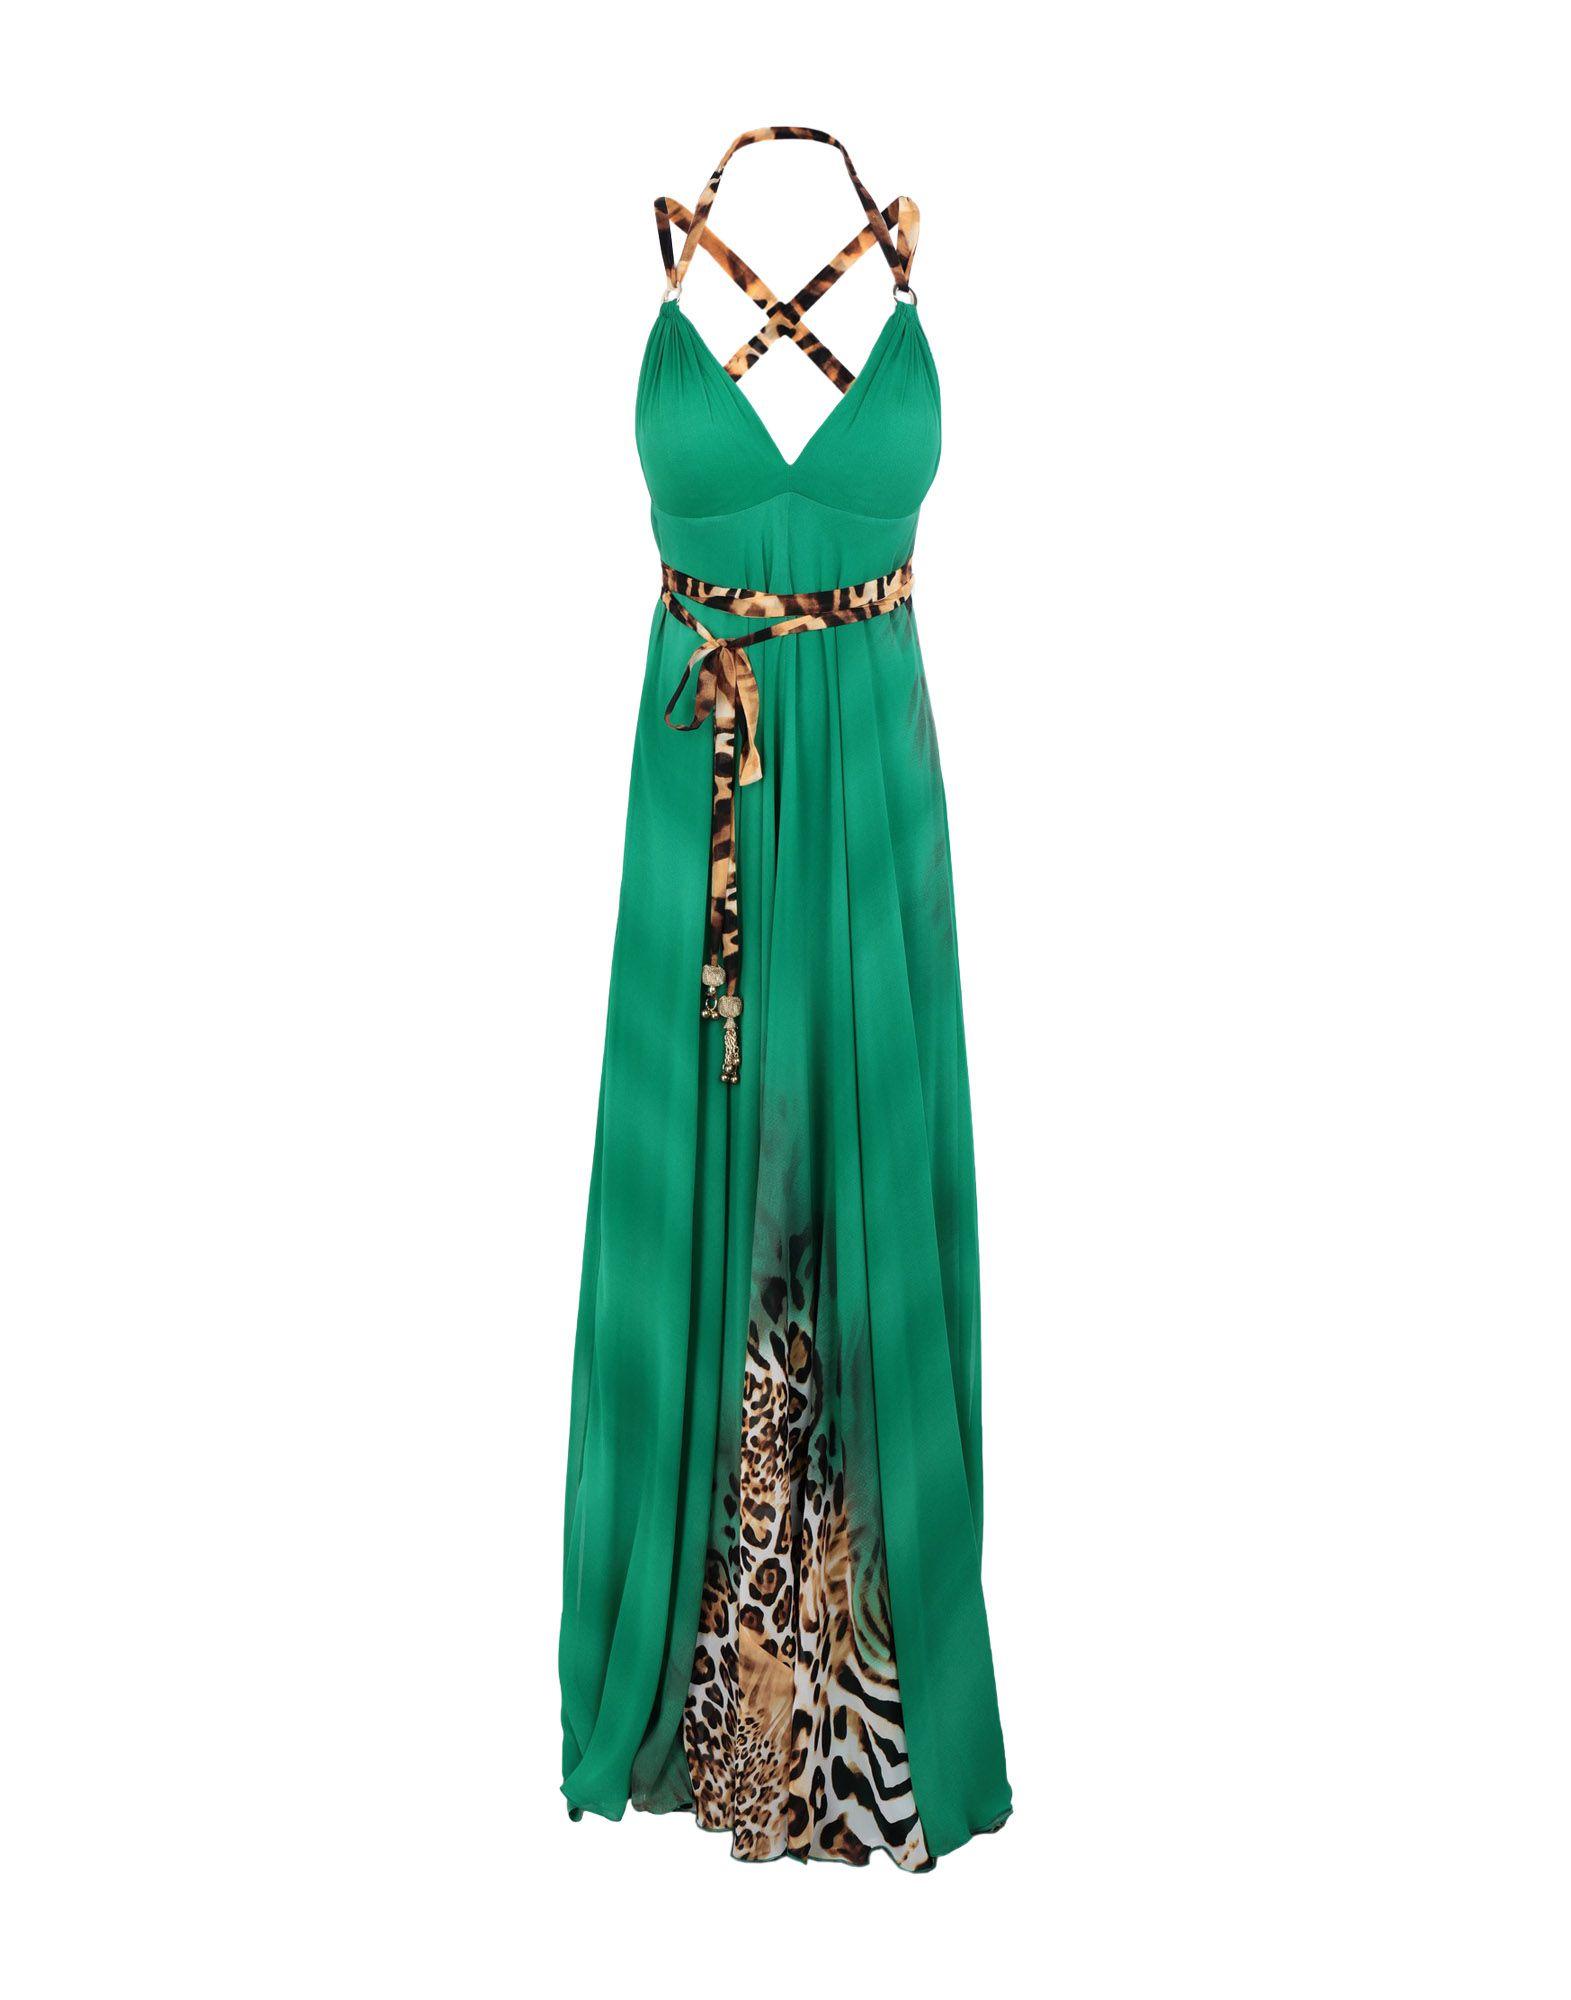 Γυναικεία Μακριά Φορέματα - Σελίδα 372  bf8e8b0ee70